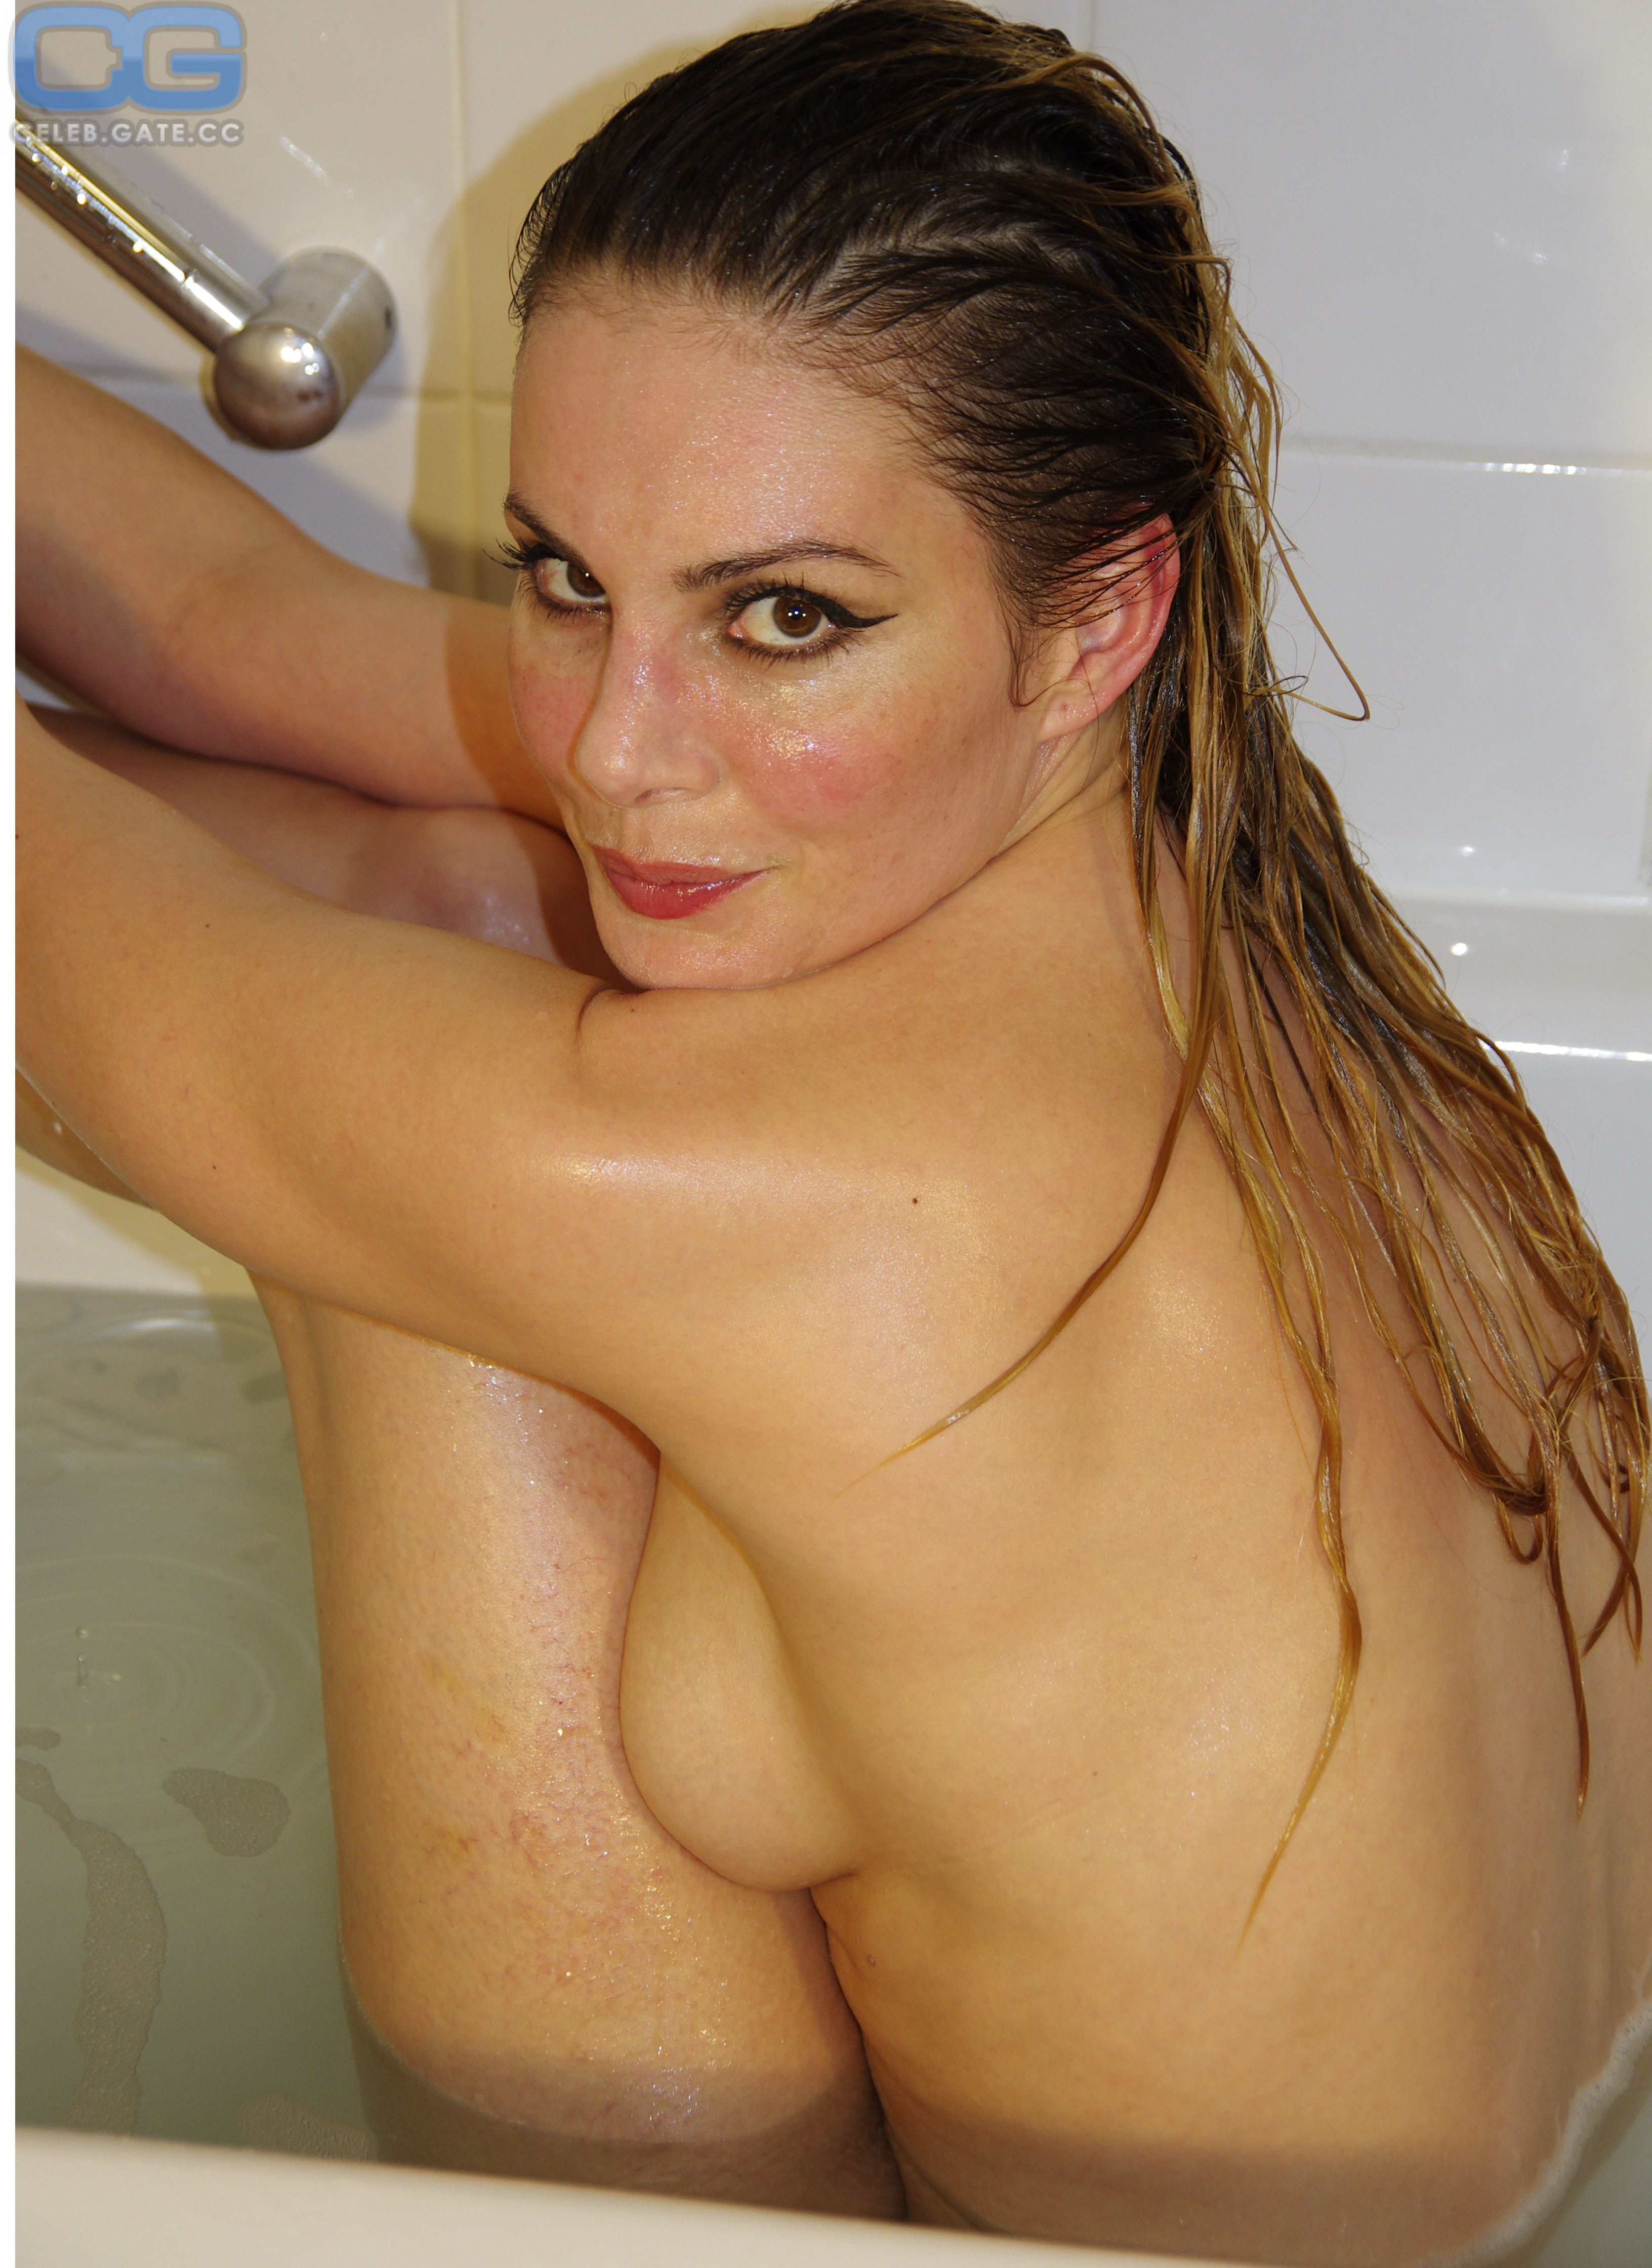 Marisa tomei leaked nude